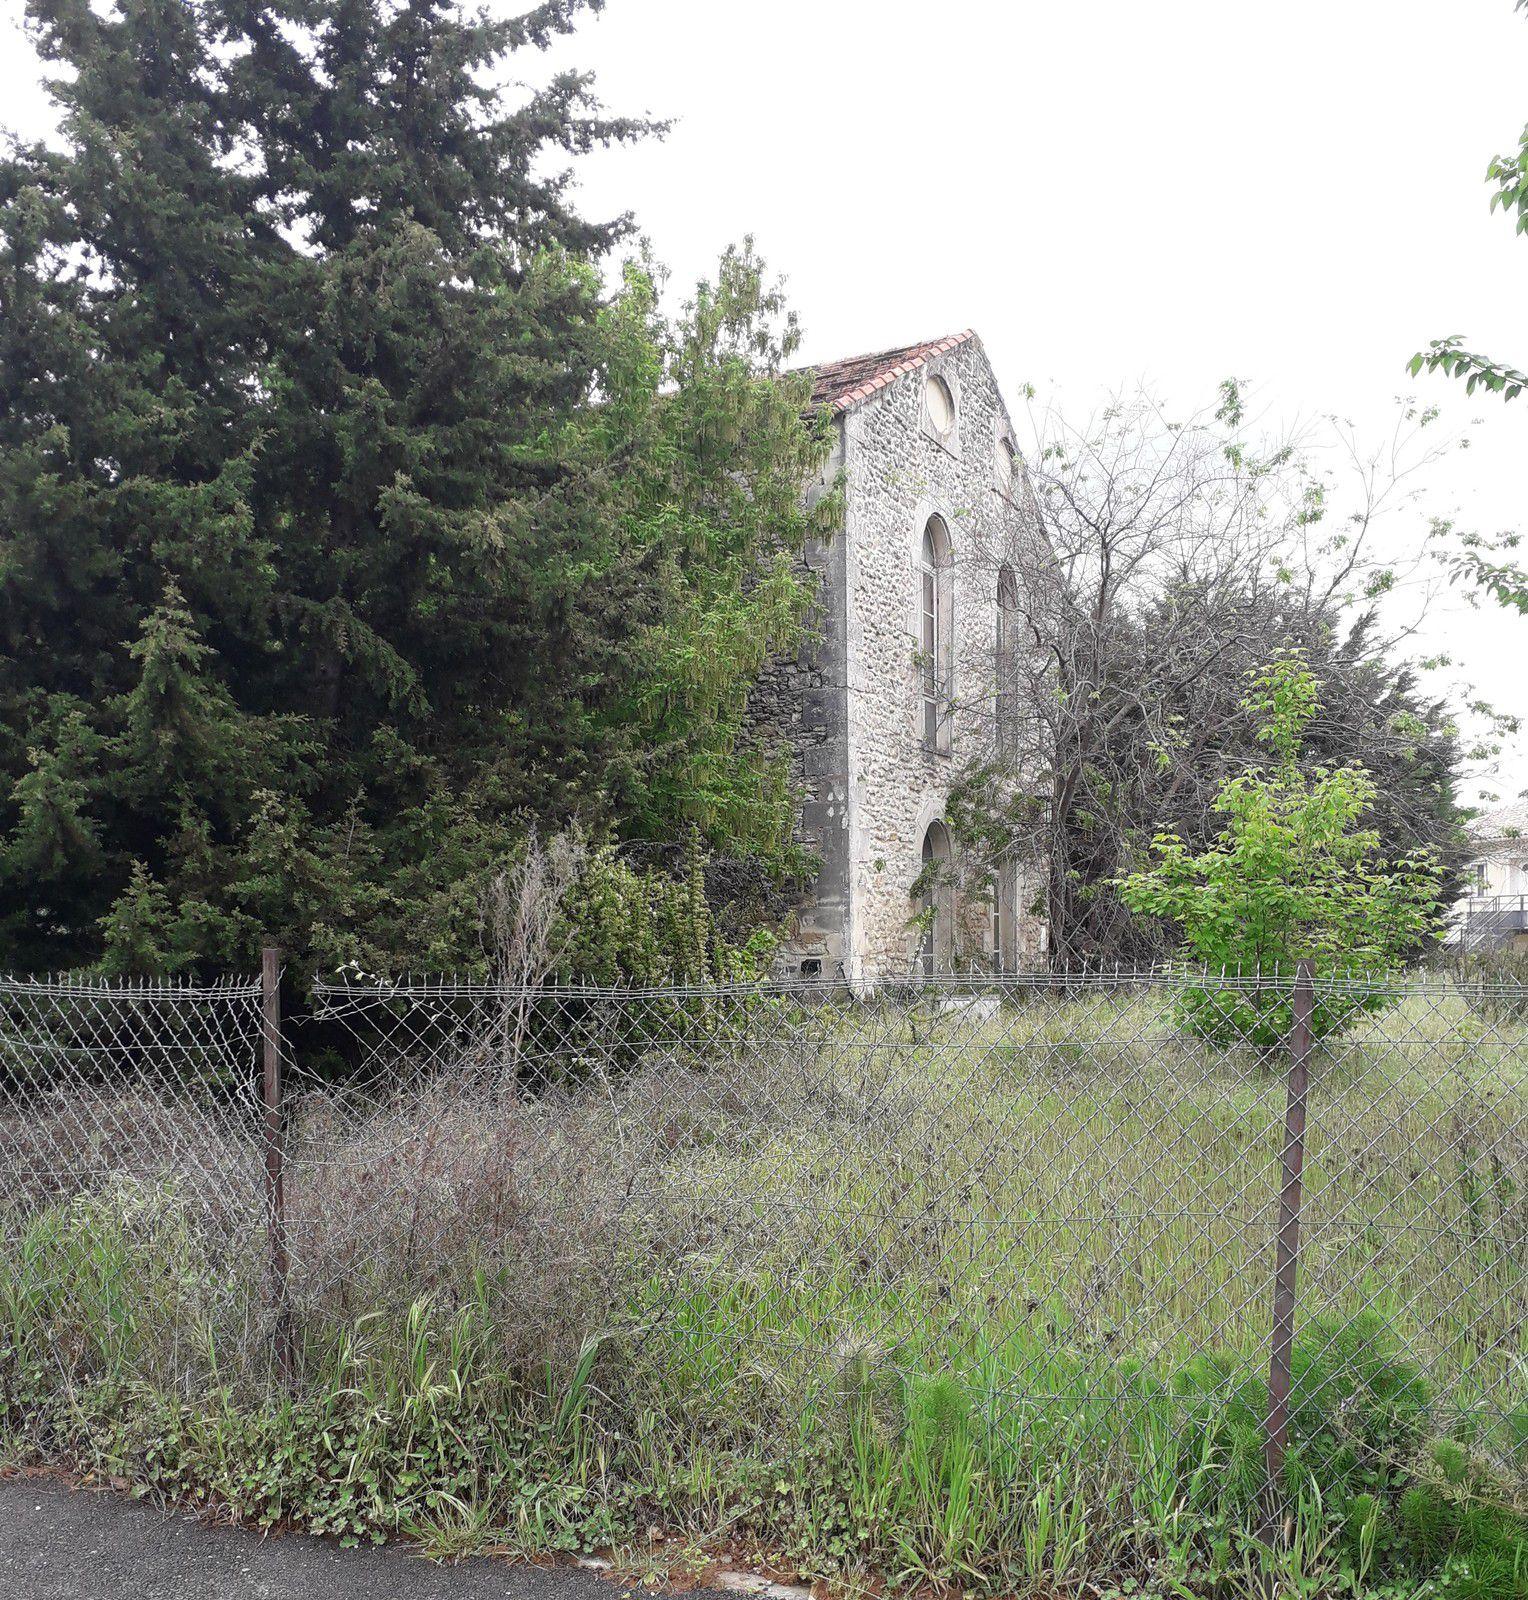 La fabrique à soie de la veuve Durand, située avenue Becquerel à Saint Paul Trois Châteaux, est construite sur un Beal, petit canal de drainage, d'un ancien moulin à farine, moulin aujourd'hui transformé en habitation situé juste a quelques pas de là.